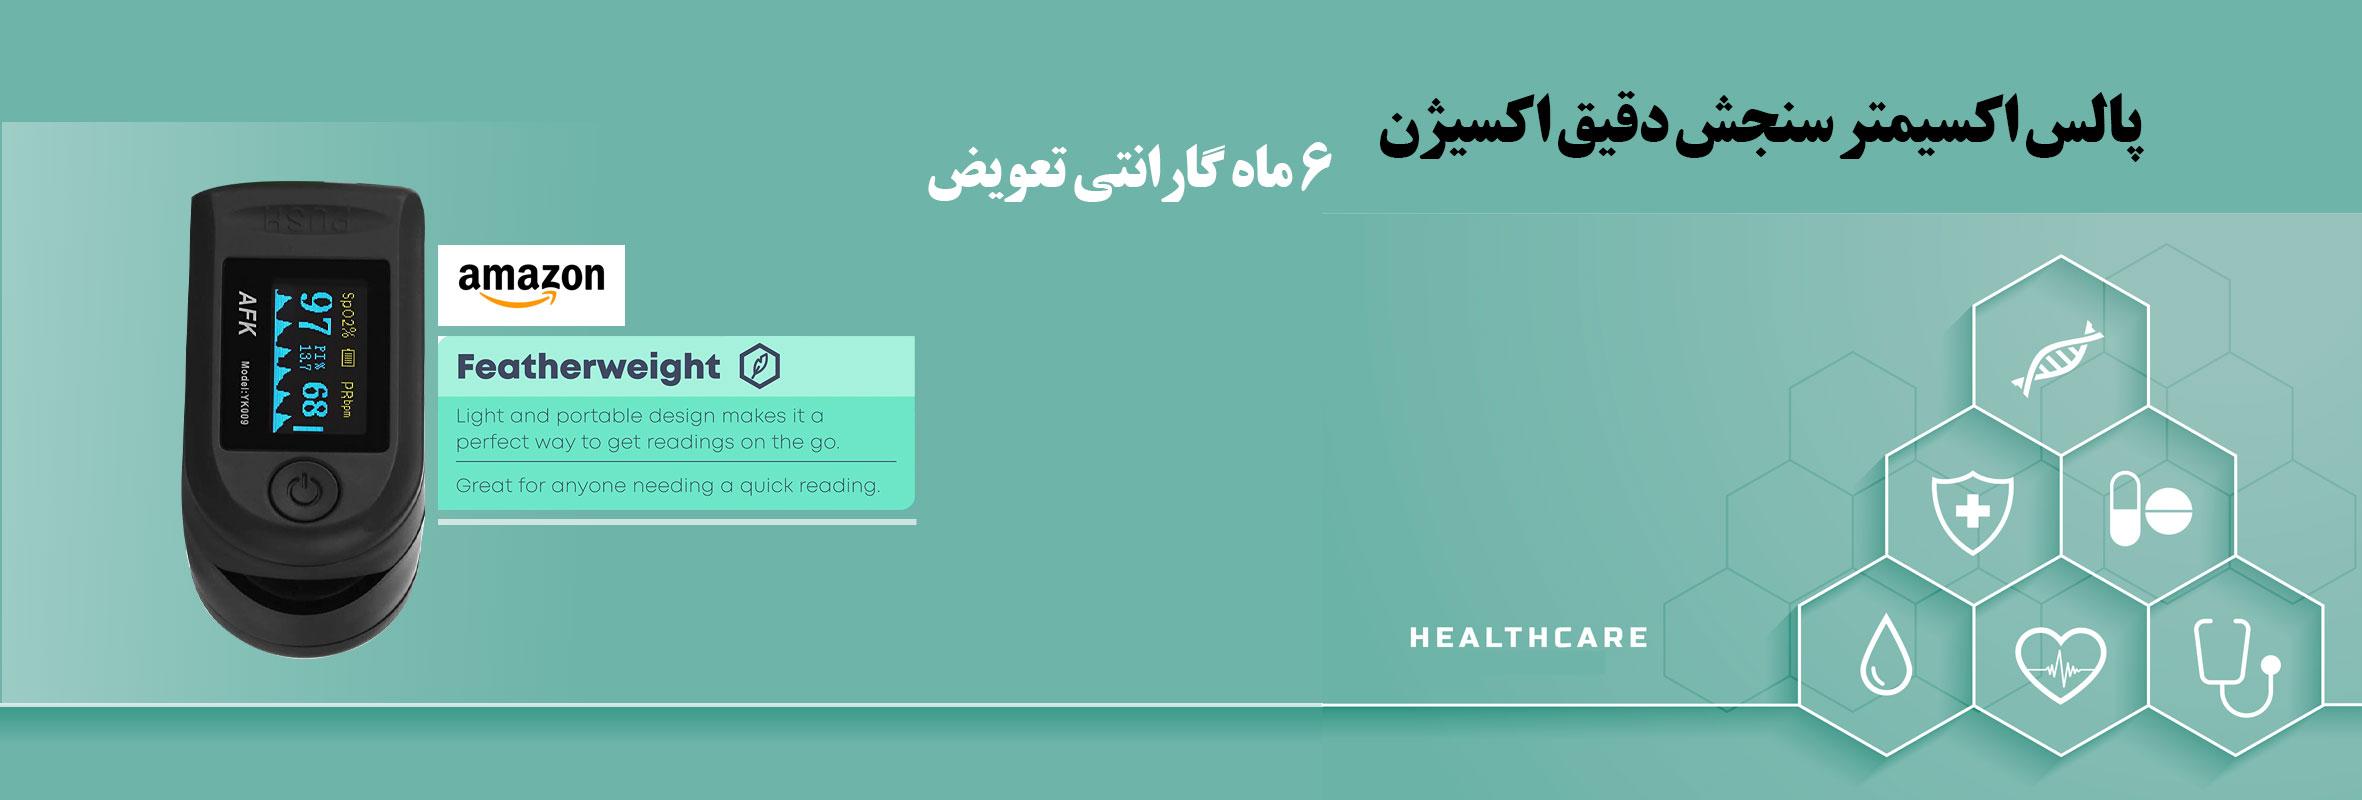 پالس اکسیمتر نیاز سلامتی شما